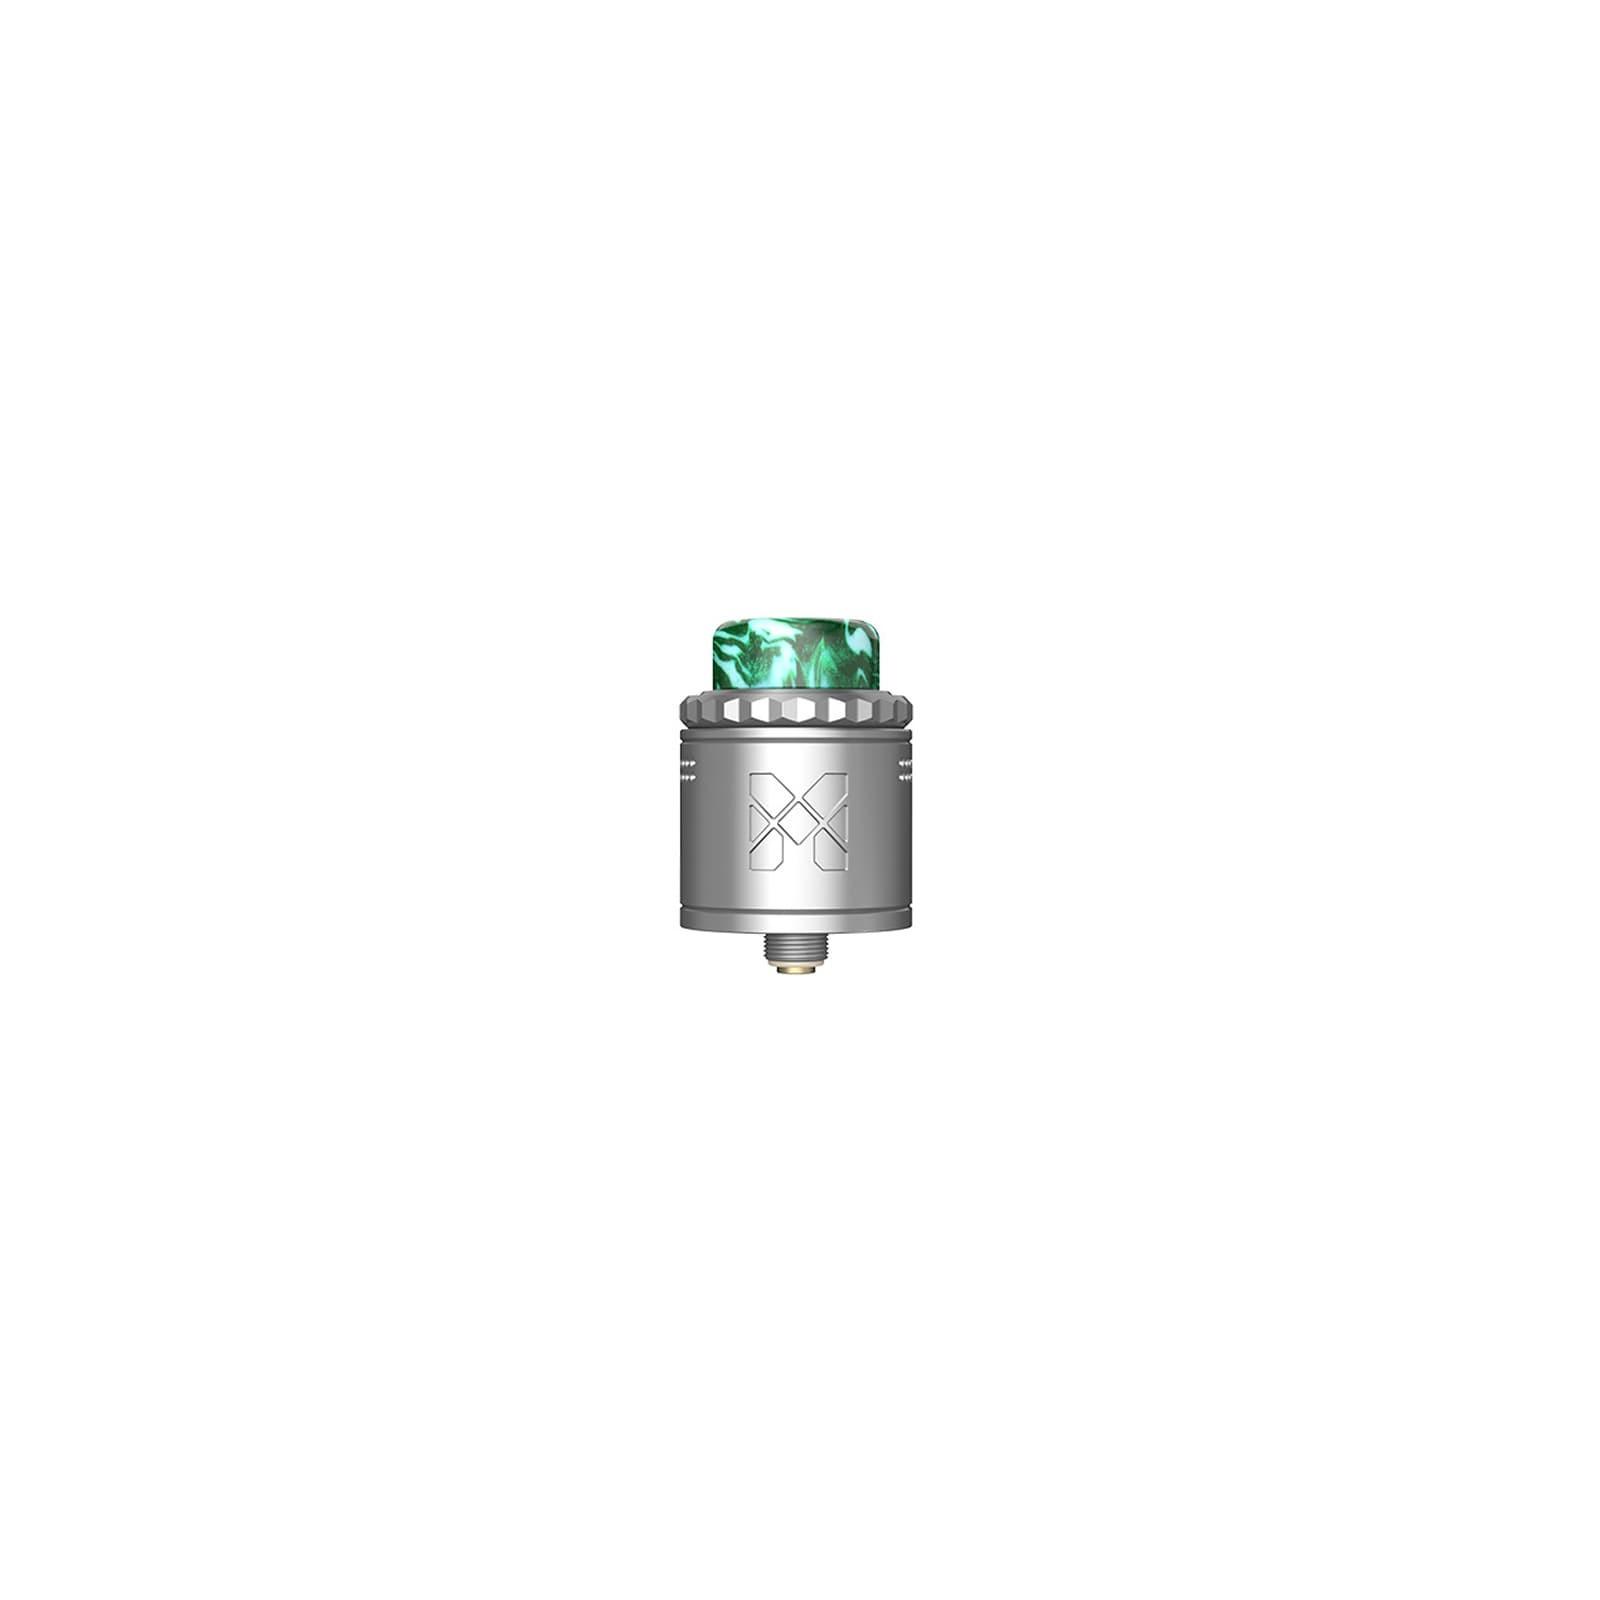 Dripper Mesh V2 RDA - Vandy Vape